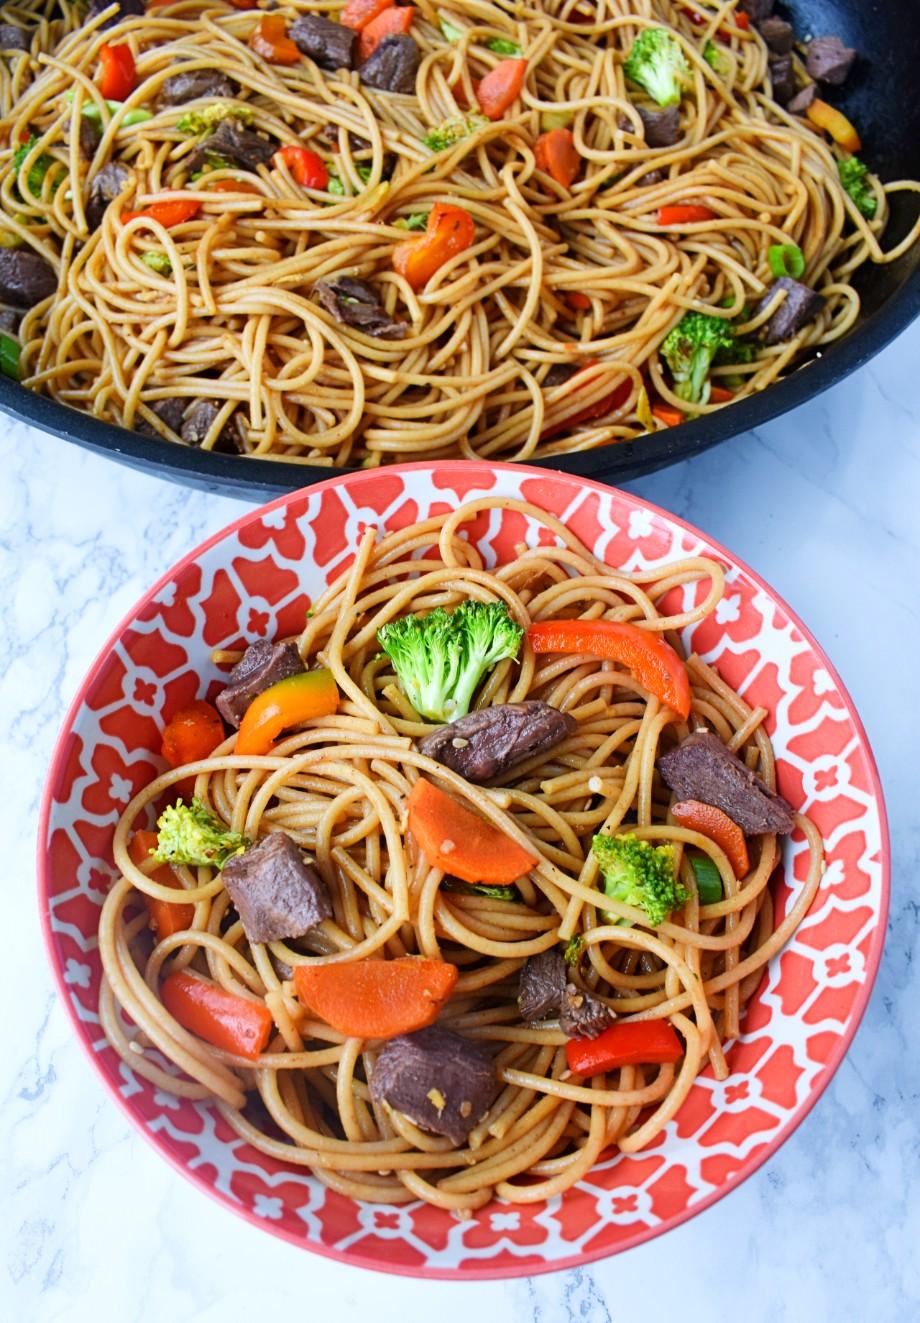 bowl of steak stir fry noodles